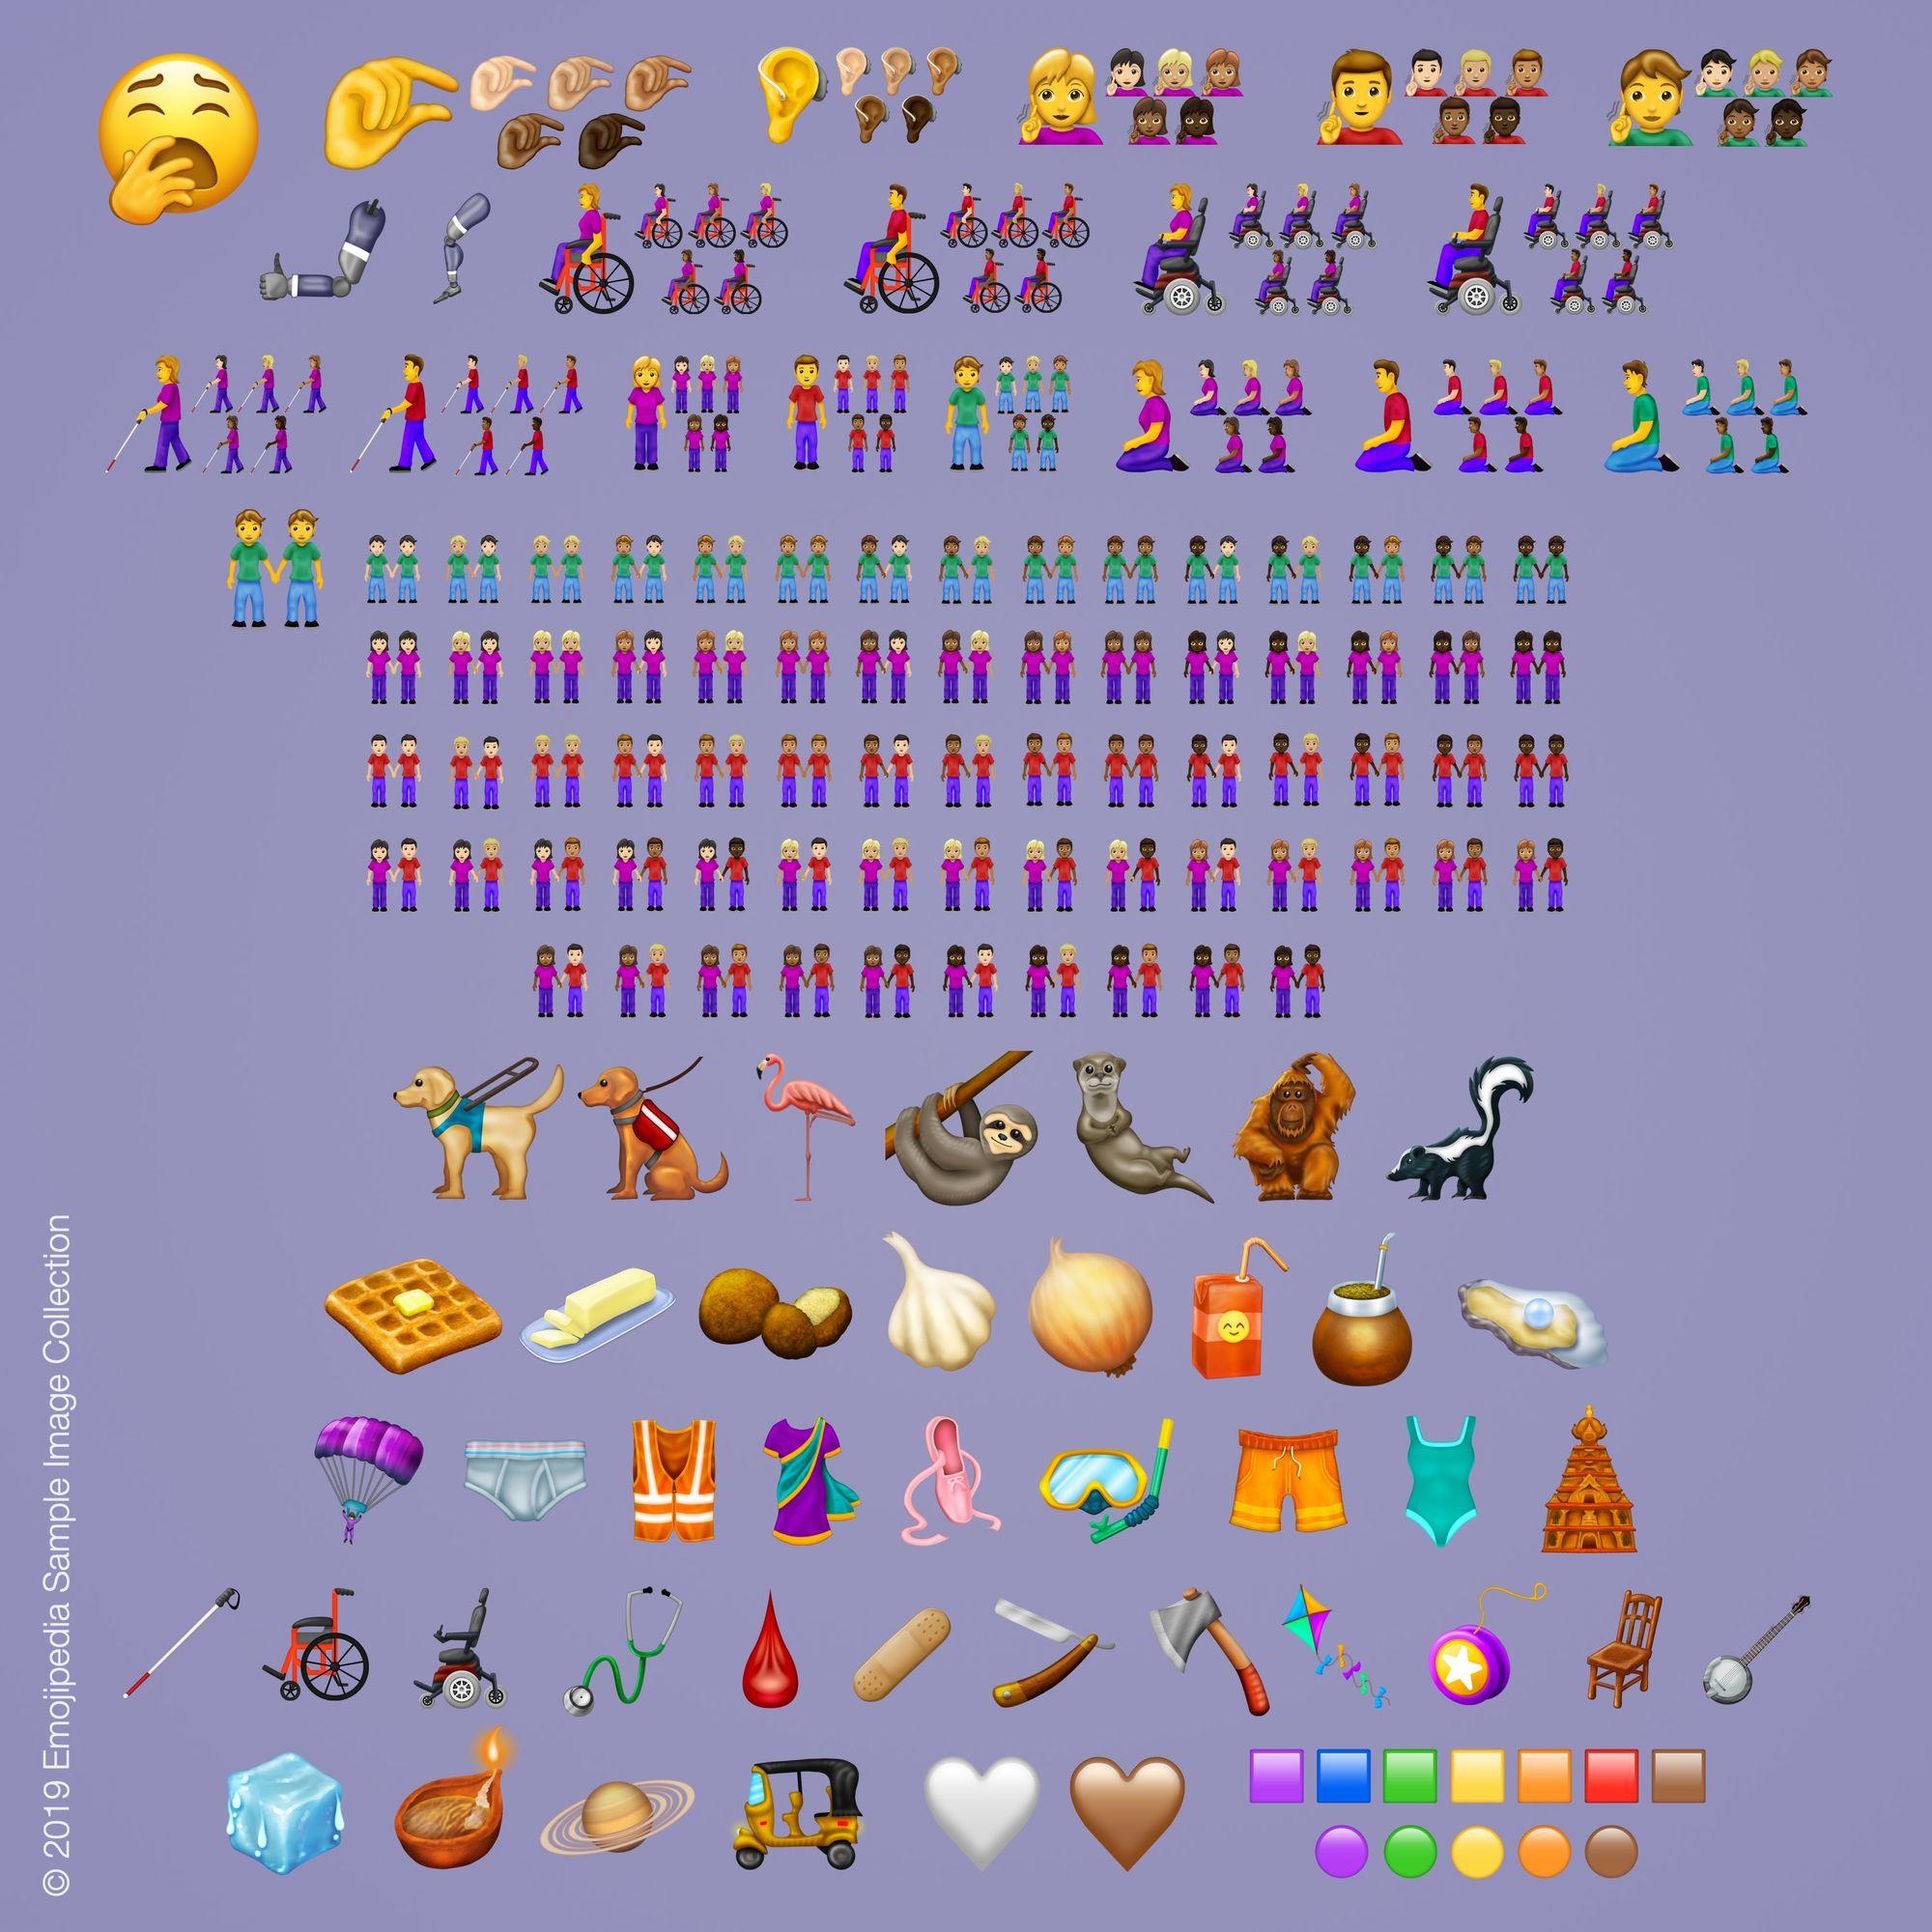 230 new emojis emojipedia sample images 2019 emoji 12 - Nové emoji v roku 2019: zívanie, wafle, cesnak, leňochod a ďalšie